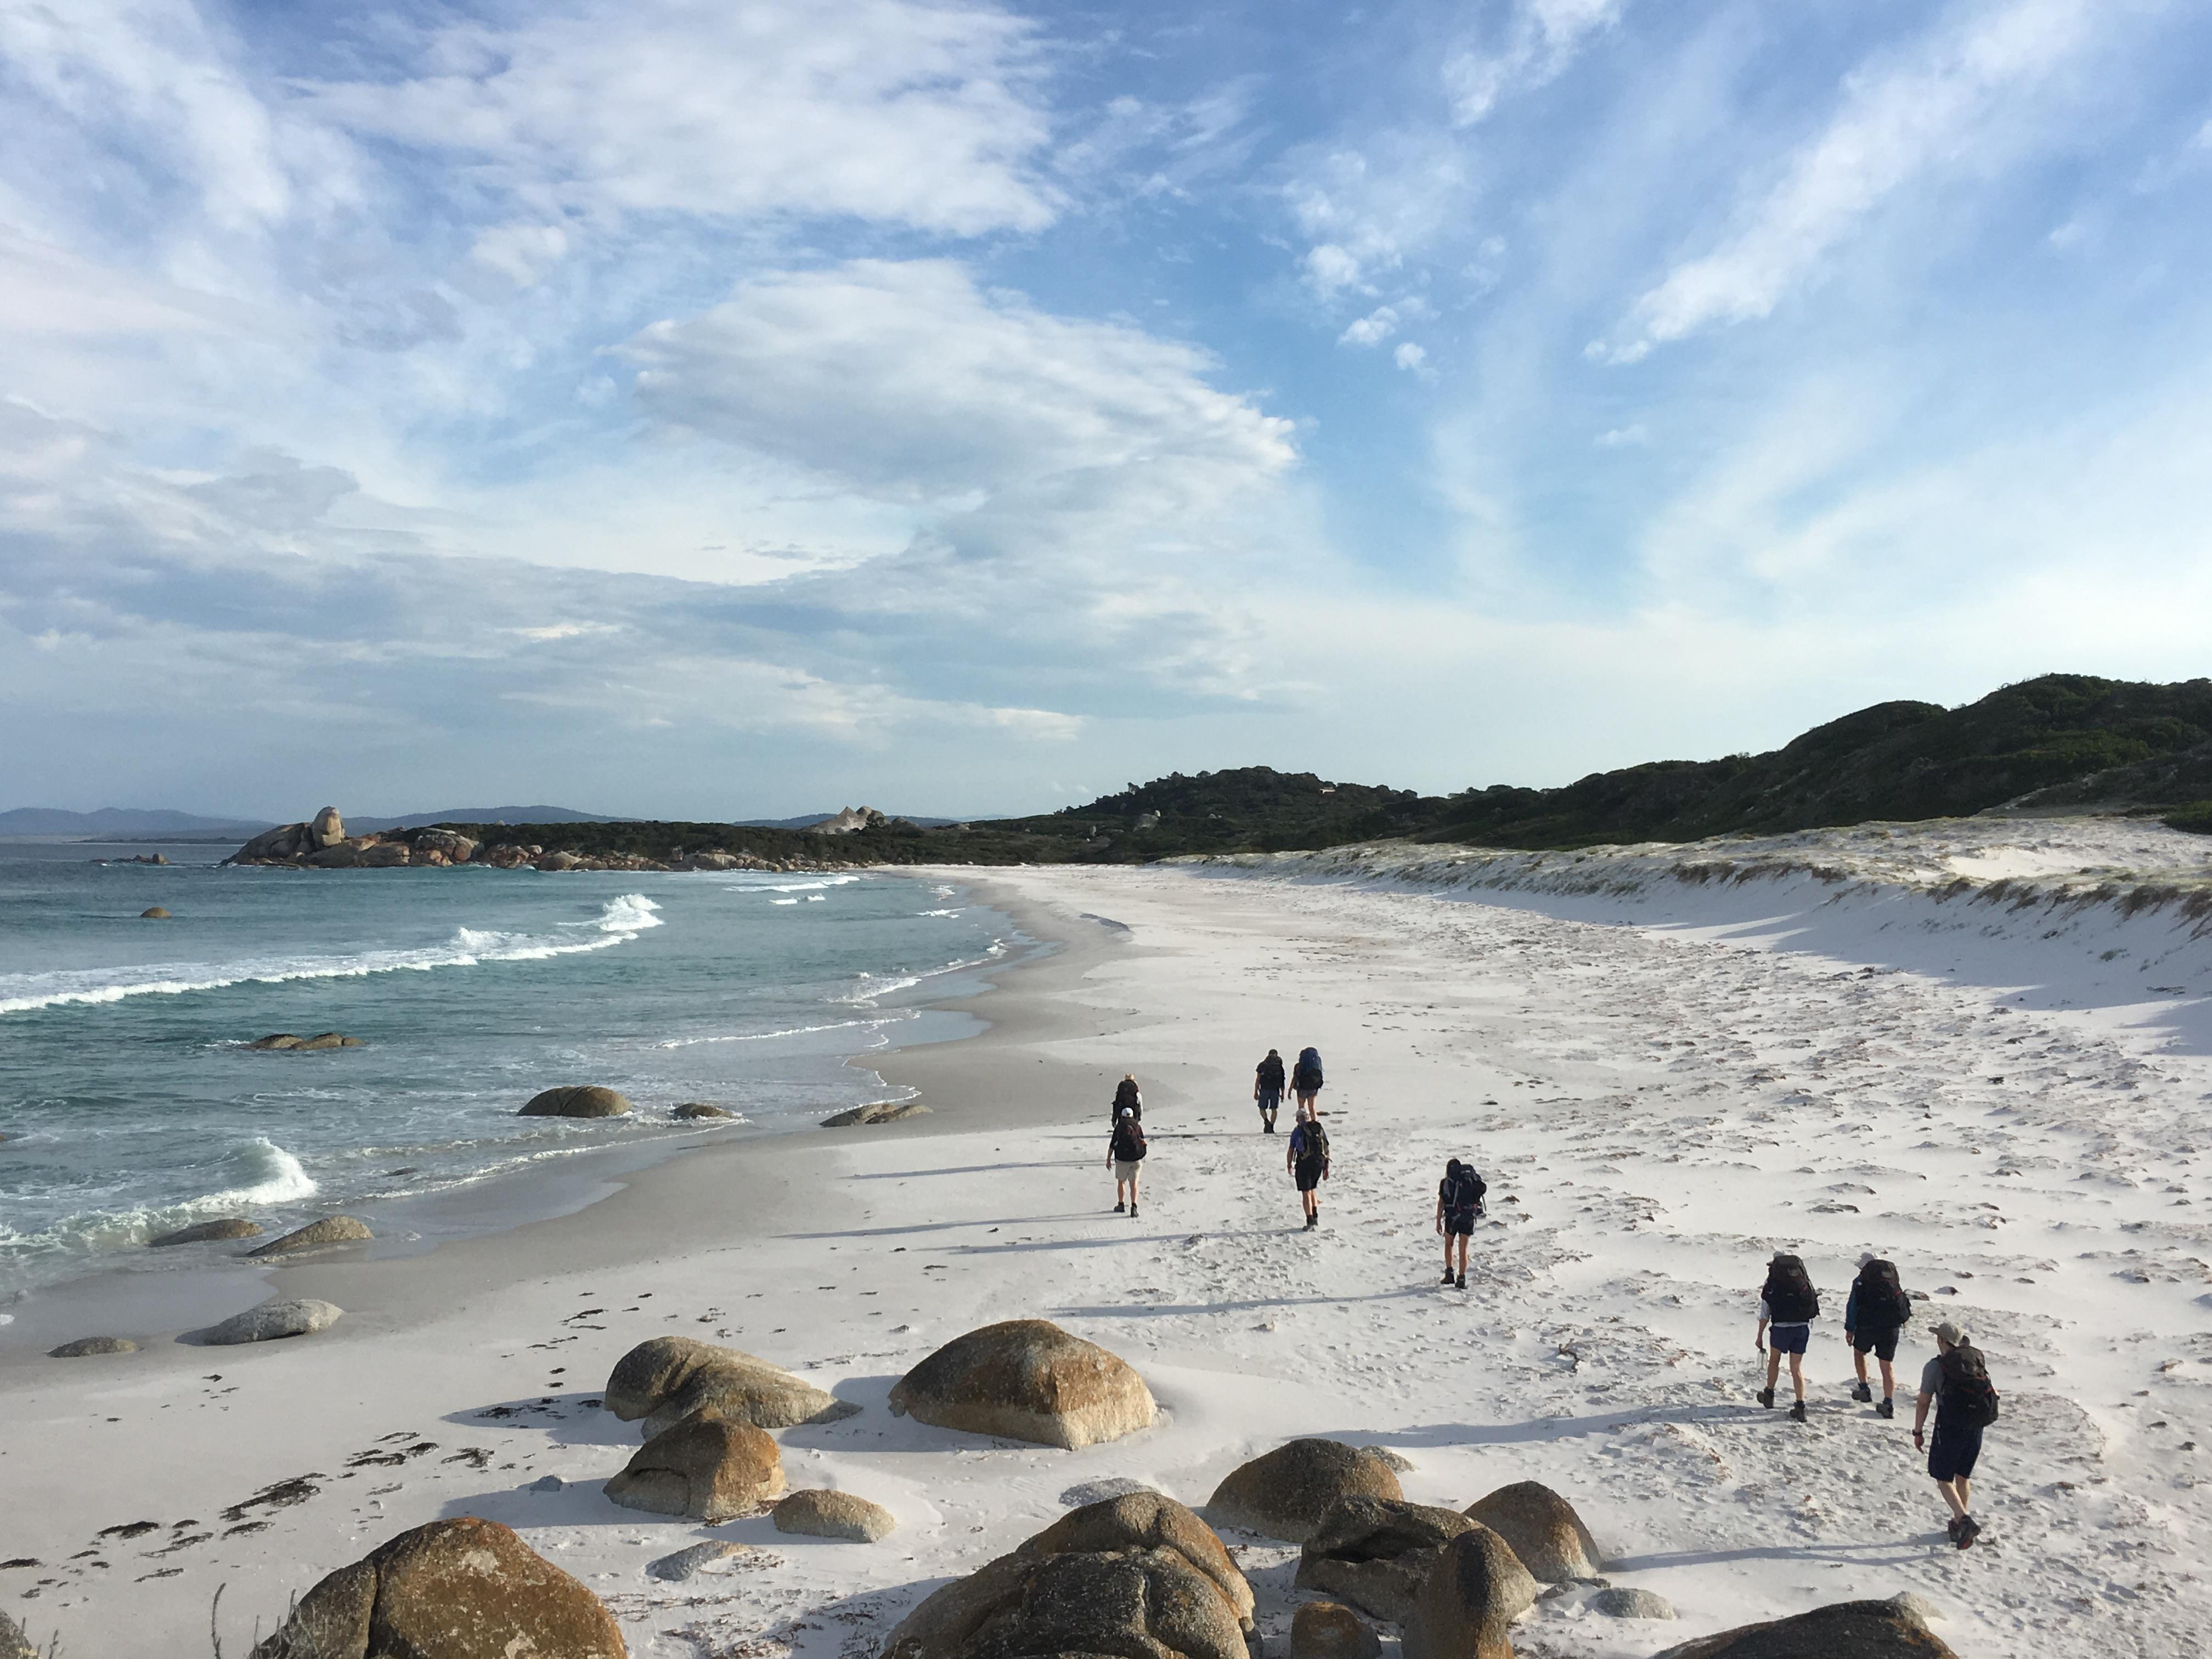 Walking among the sand dunes